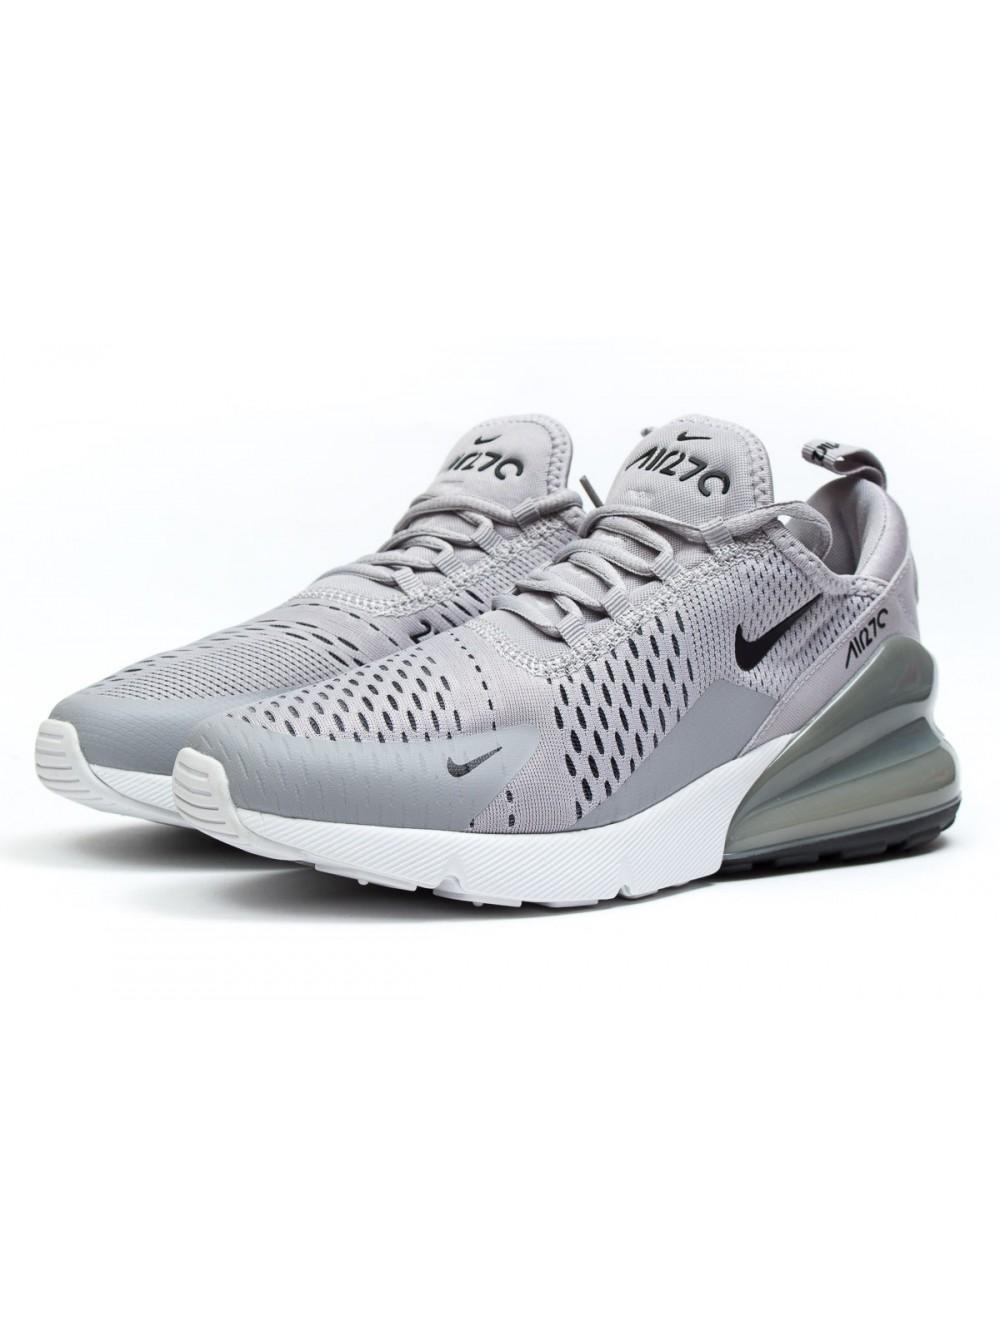 7505f93a Купить кроссовки Nike Air 270 мужские серые | KED.NET.UA